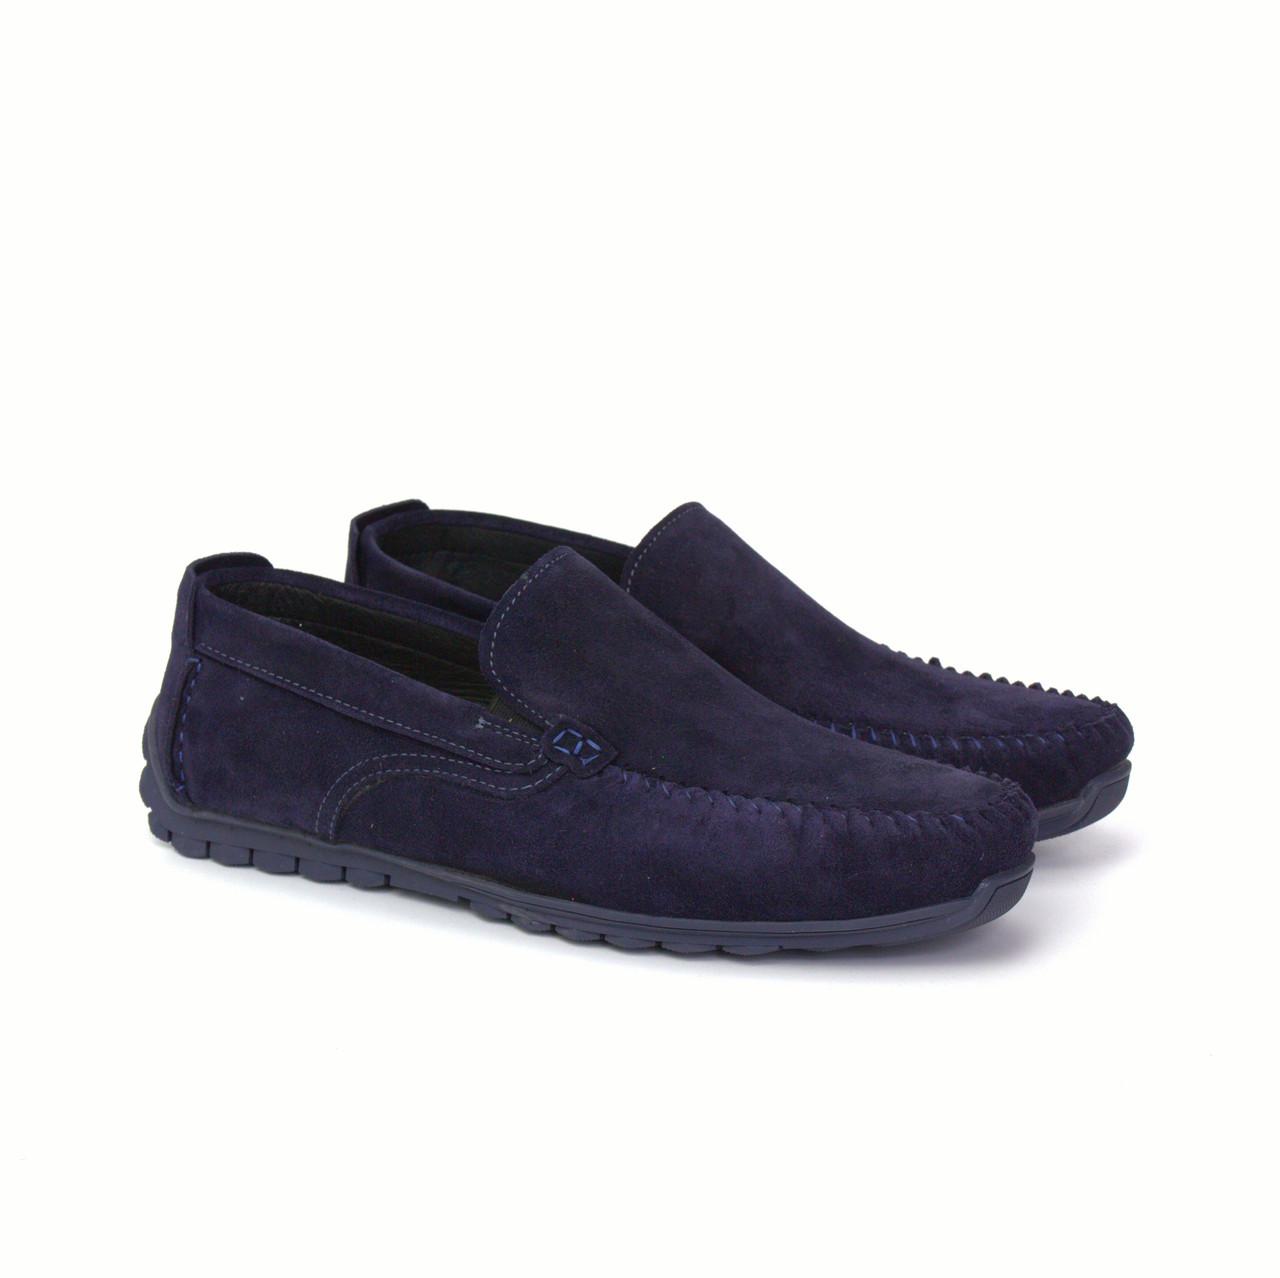 Замшевые мягкие мокасины на резинке синие мужская обувь летняя Rosso Avangard Moccarez Blu Vel